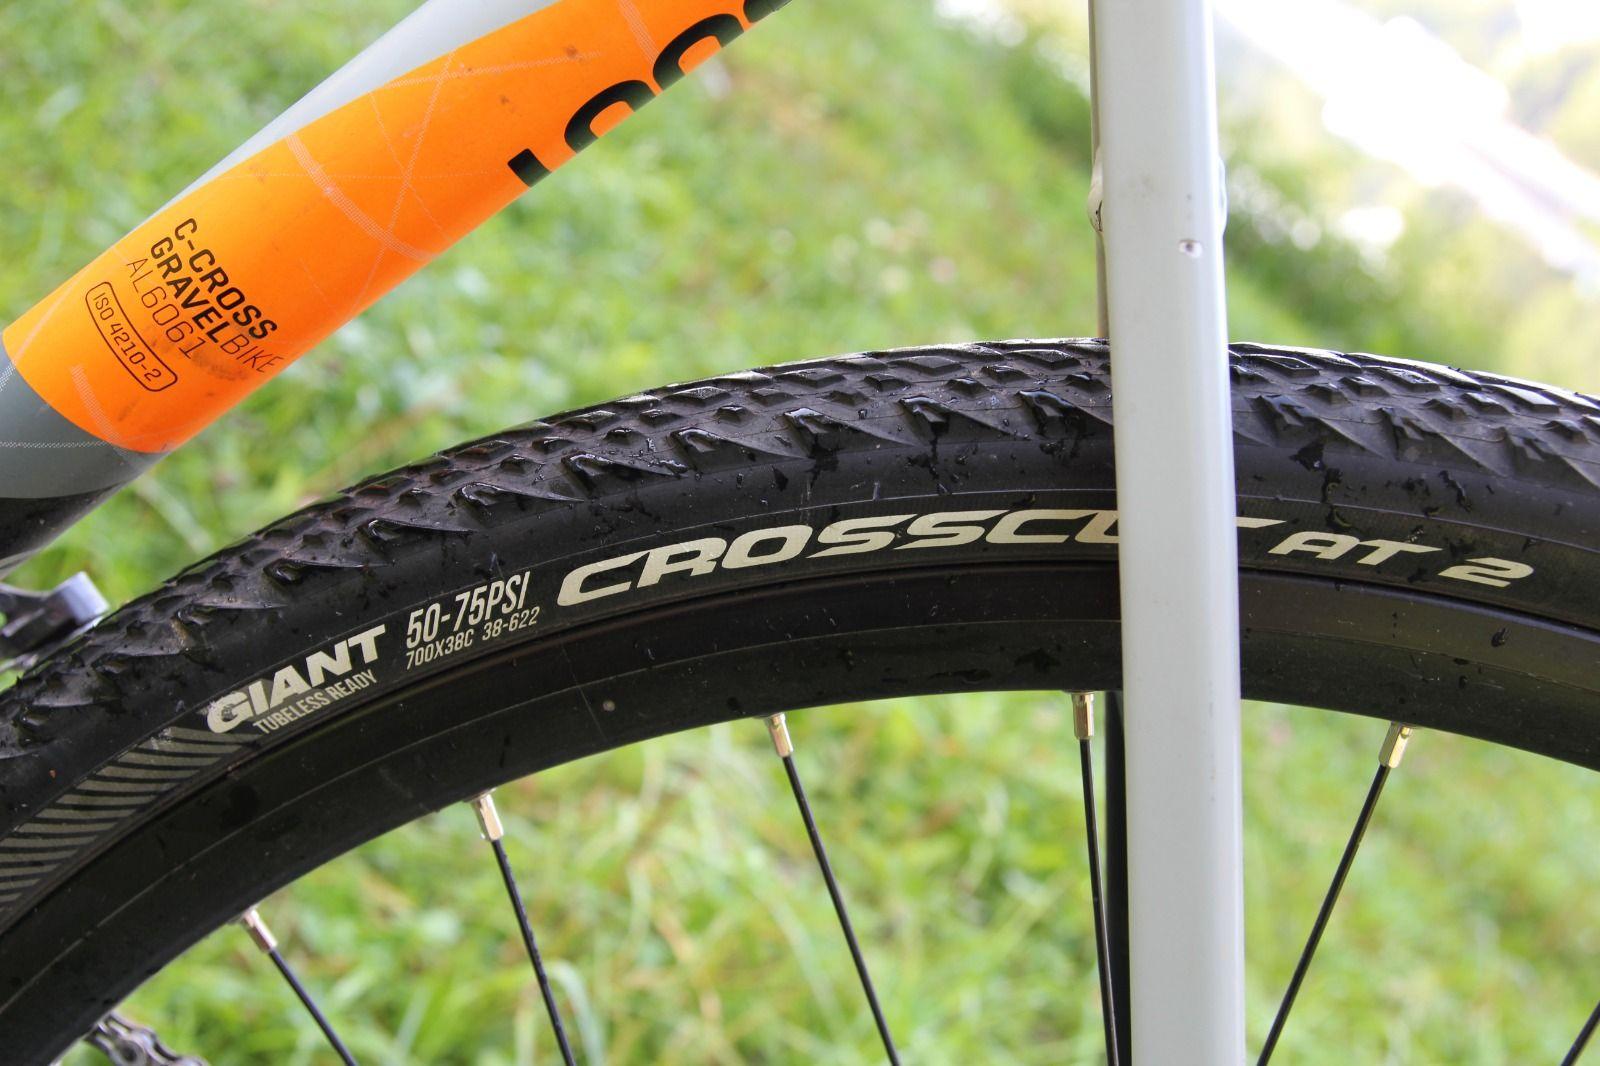 Велосипед Kellys Soot 30 гревел / gravel